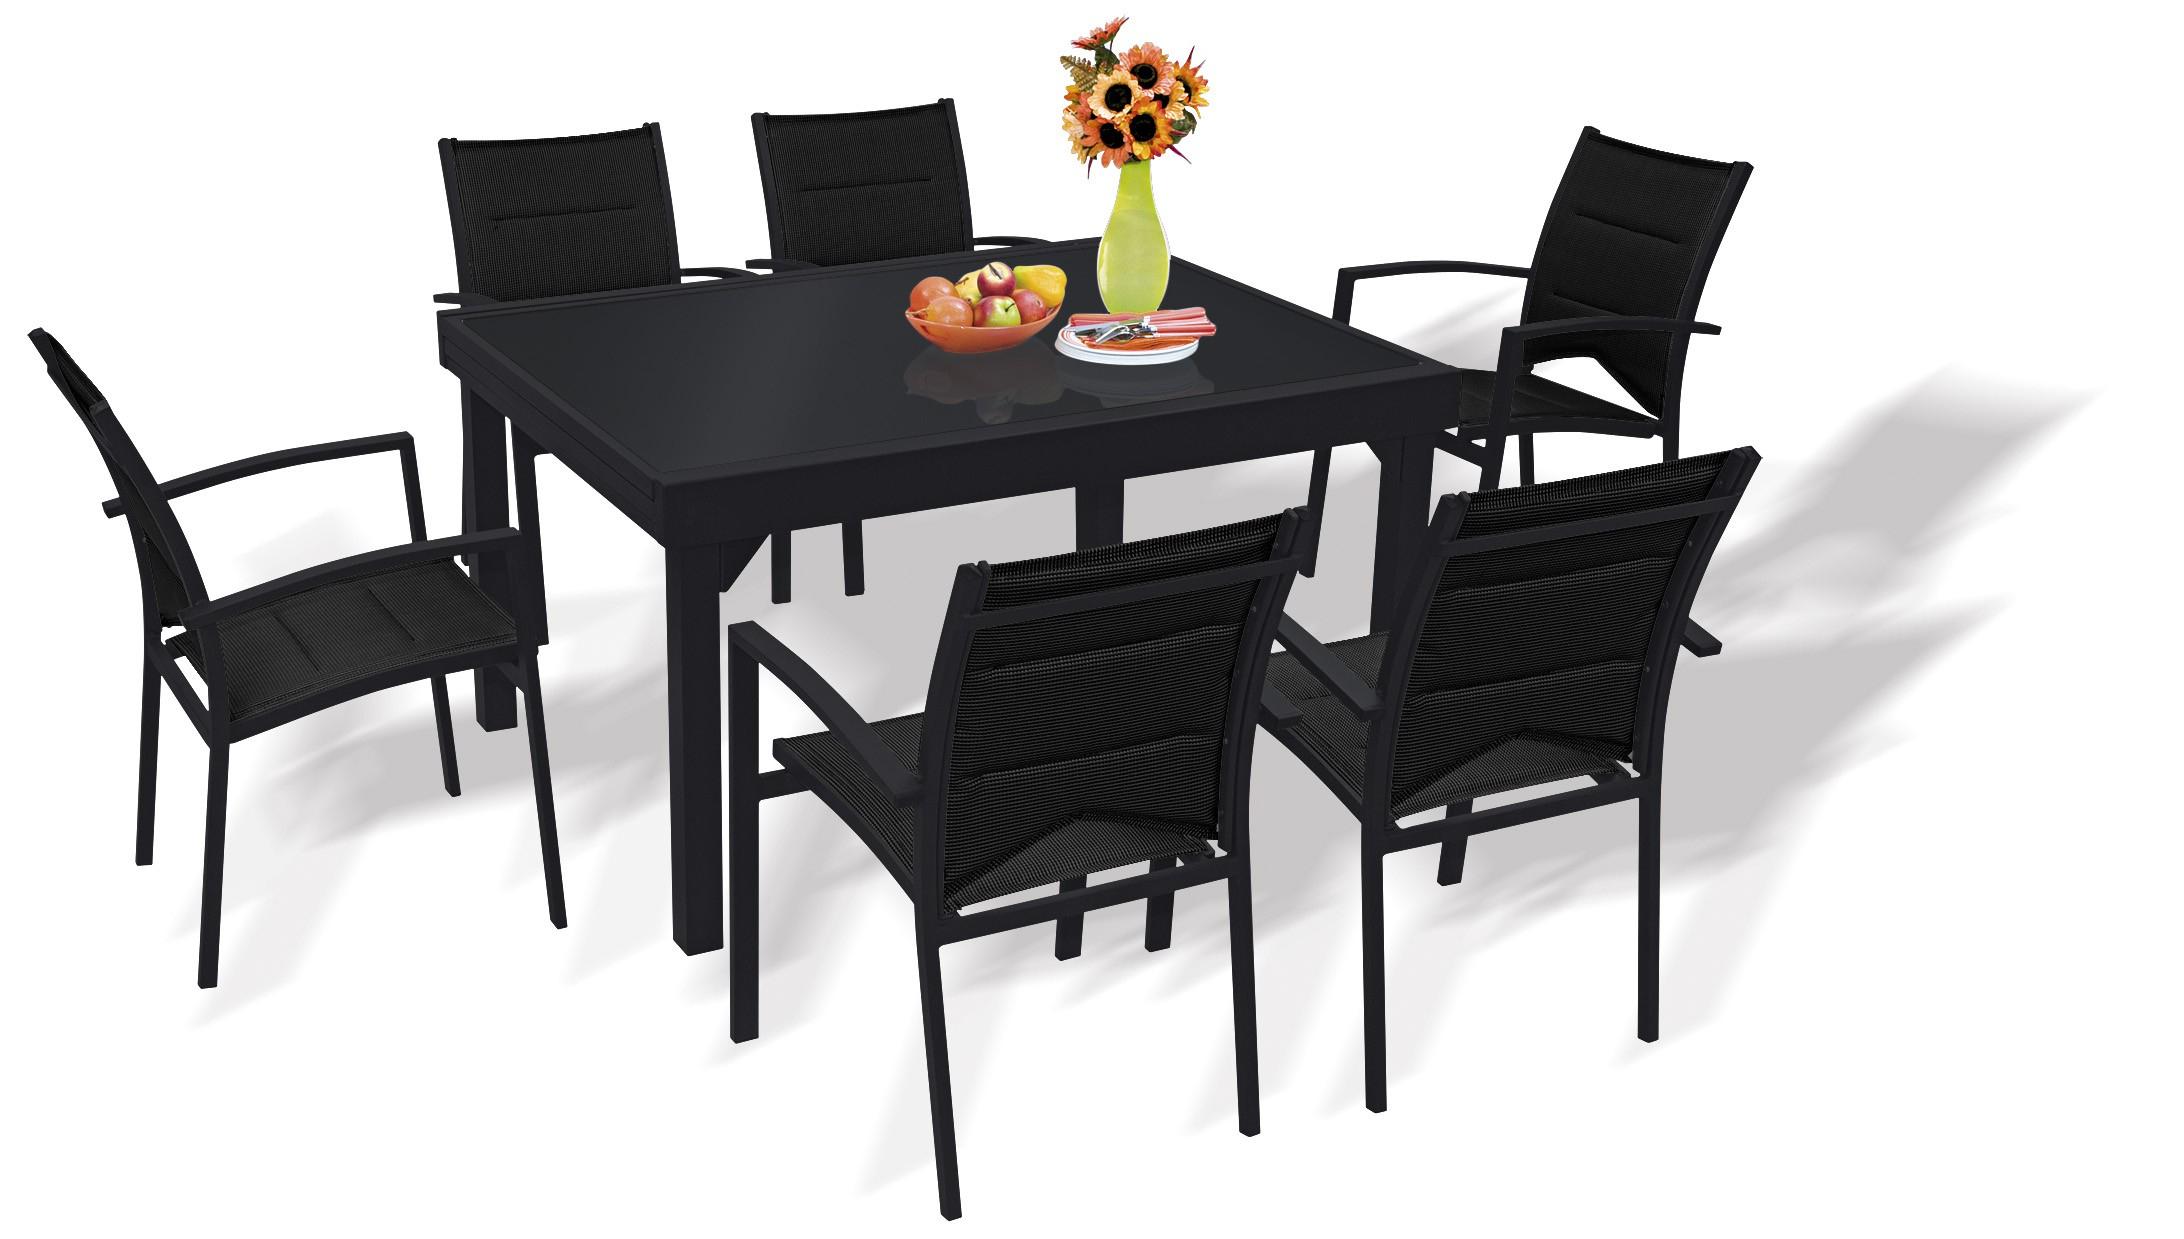 Table De Jardin Avec Rallonge Des Idées - Idees Conception ... avec Table De Jardin Carrée 8 Personnes